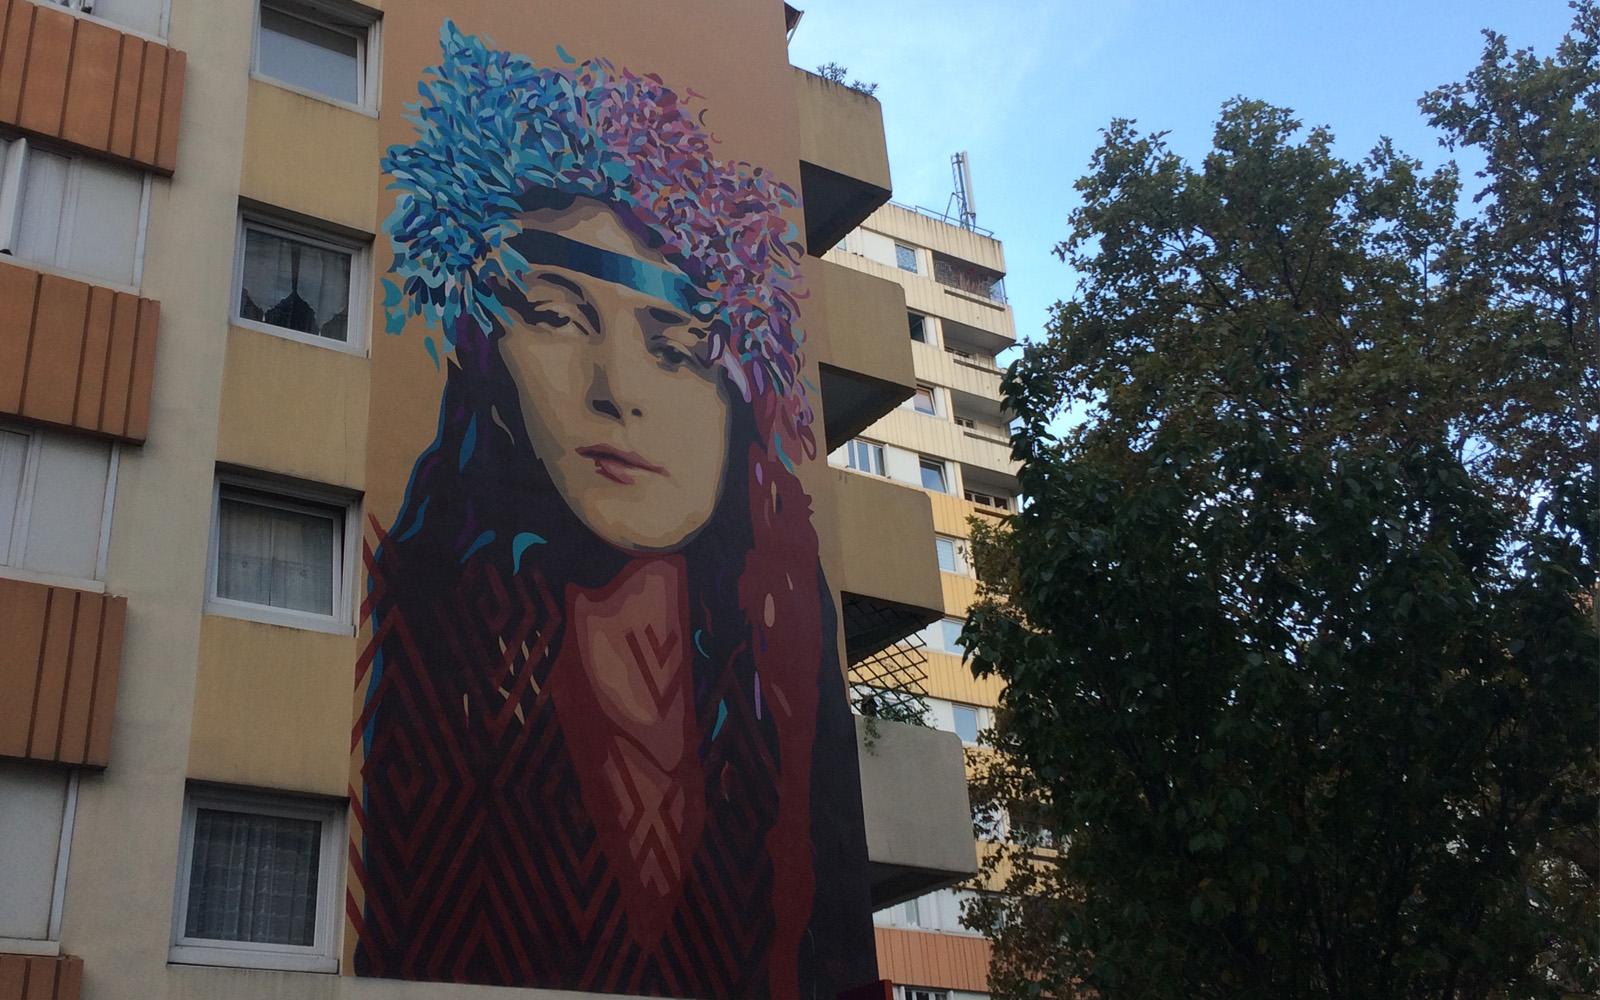 Il murale dell'artista B Toy.